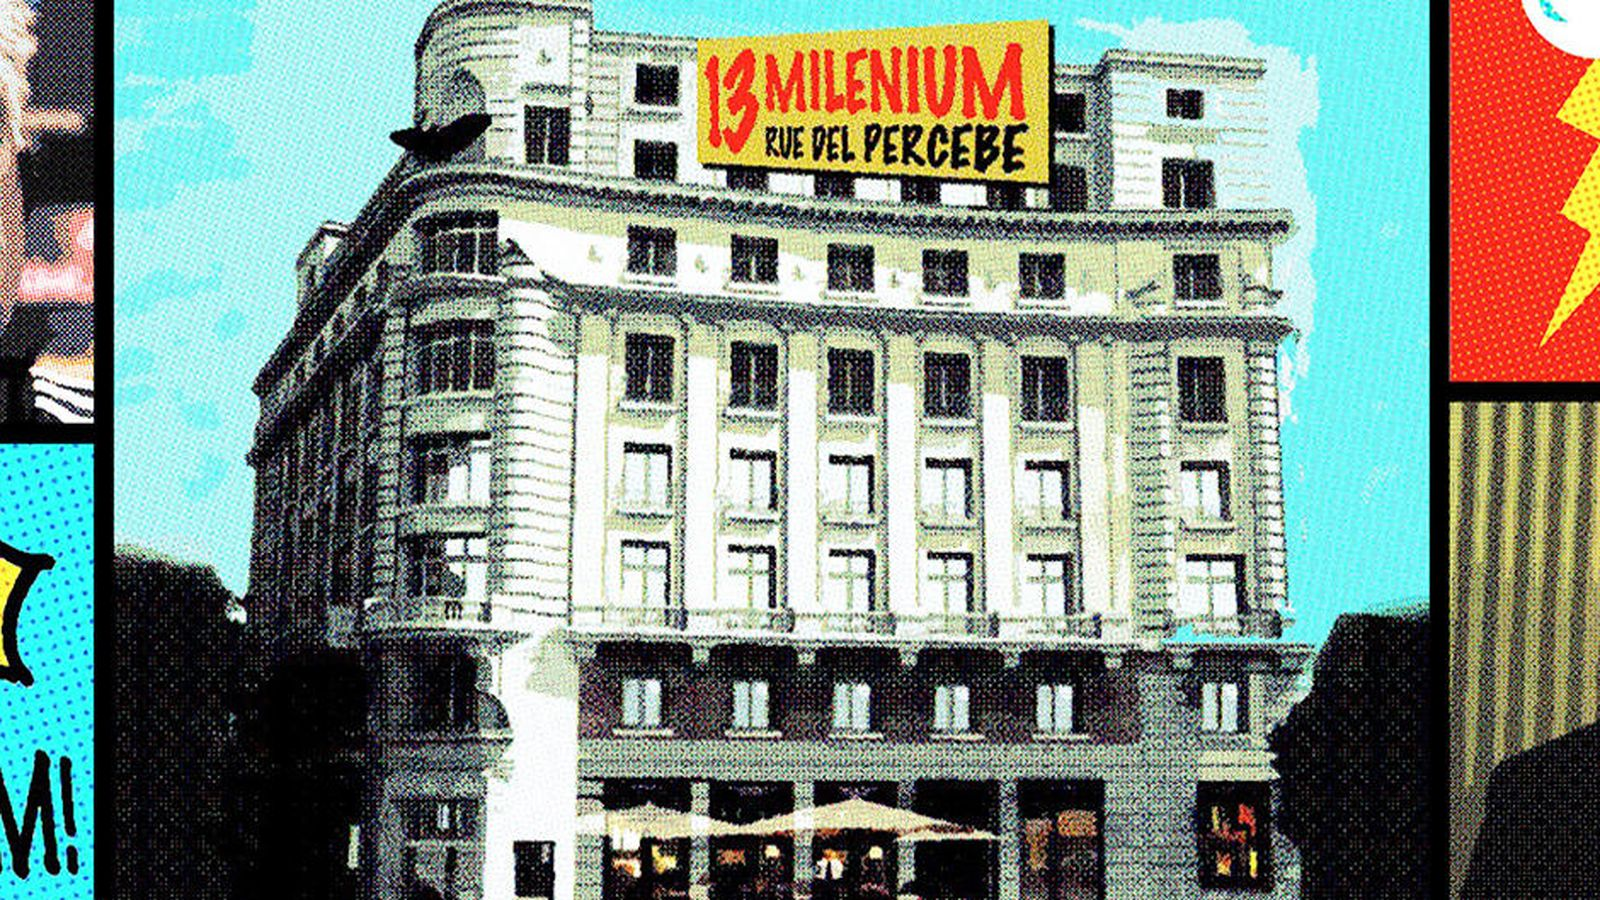 Edificio millenium o 13 rue del percebe los l os de la for Edificio de la comunidad de madrid